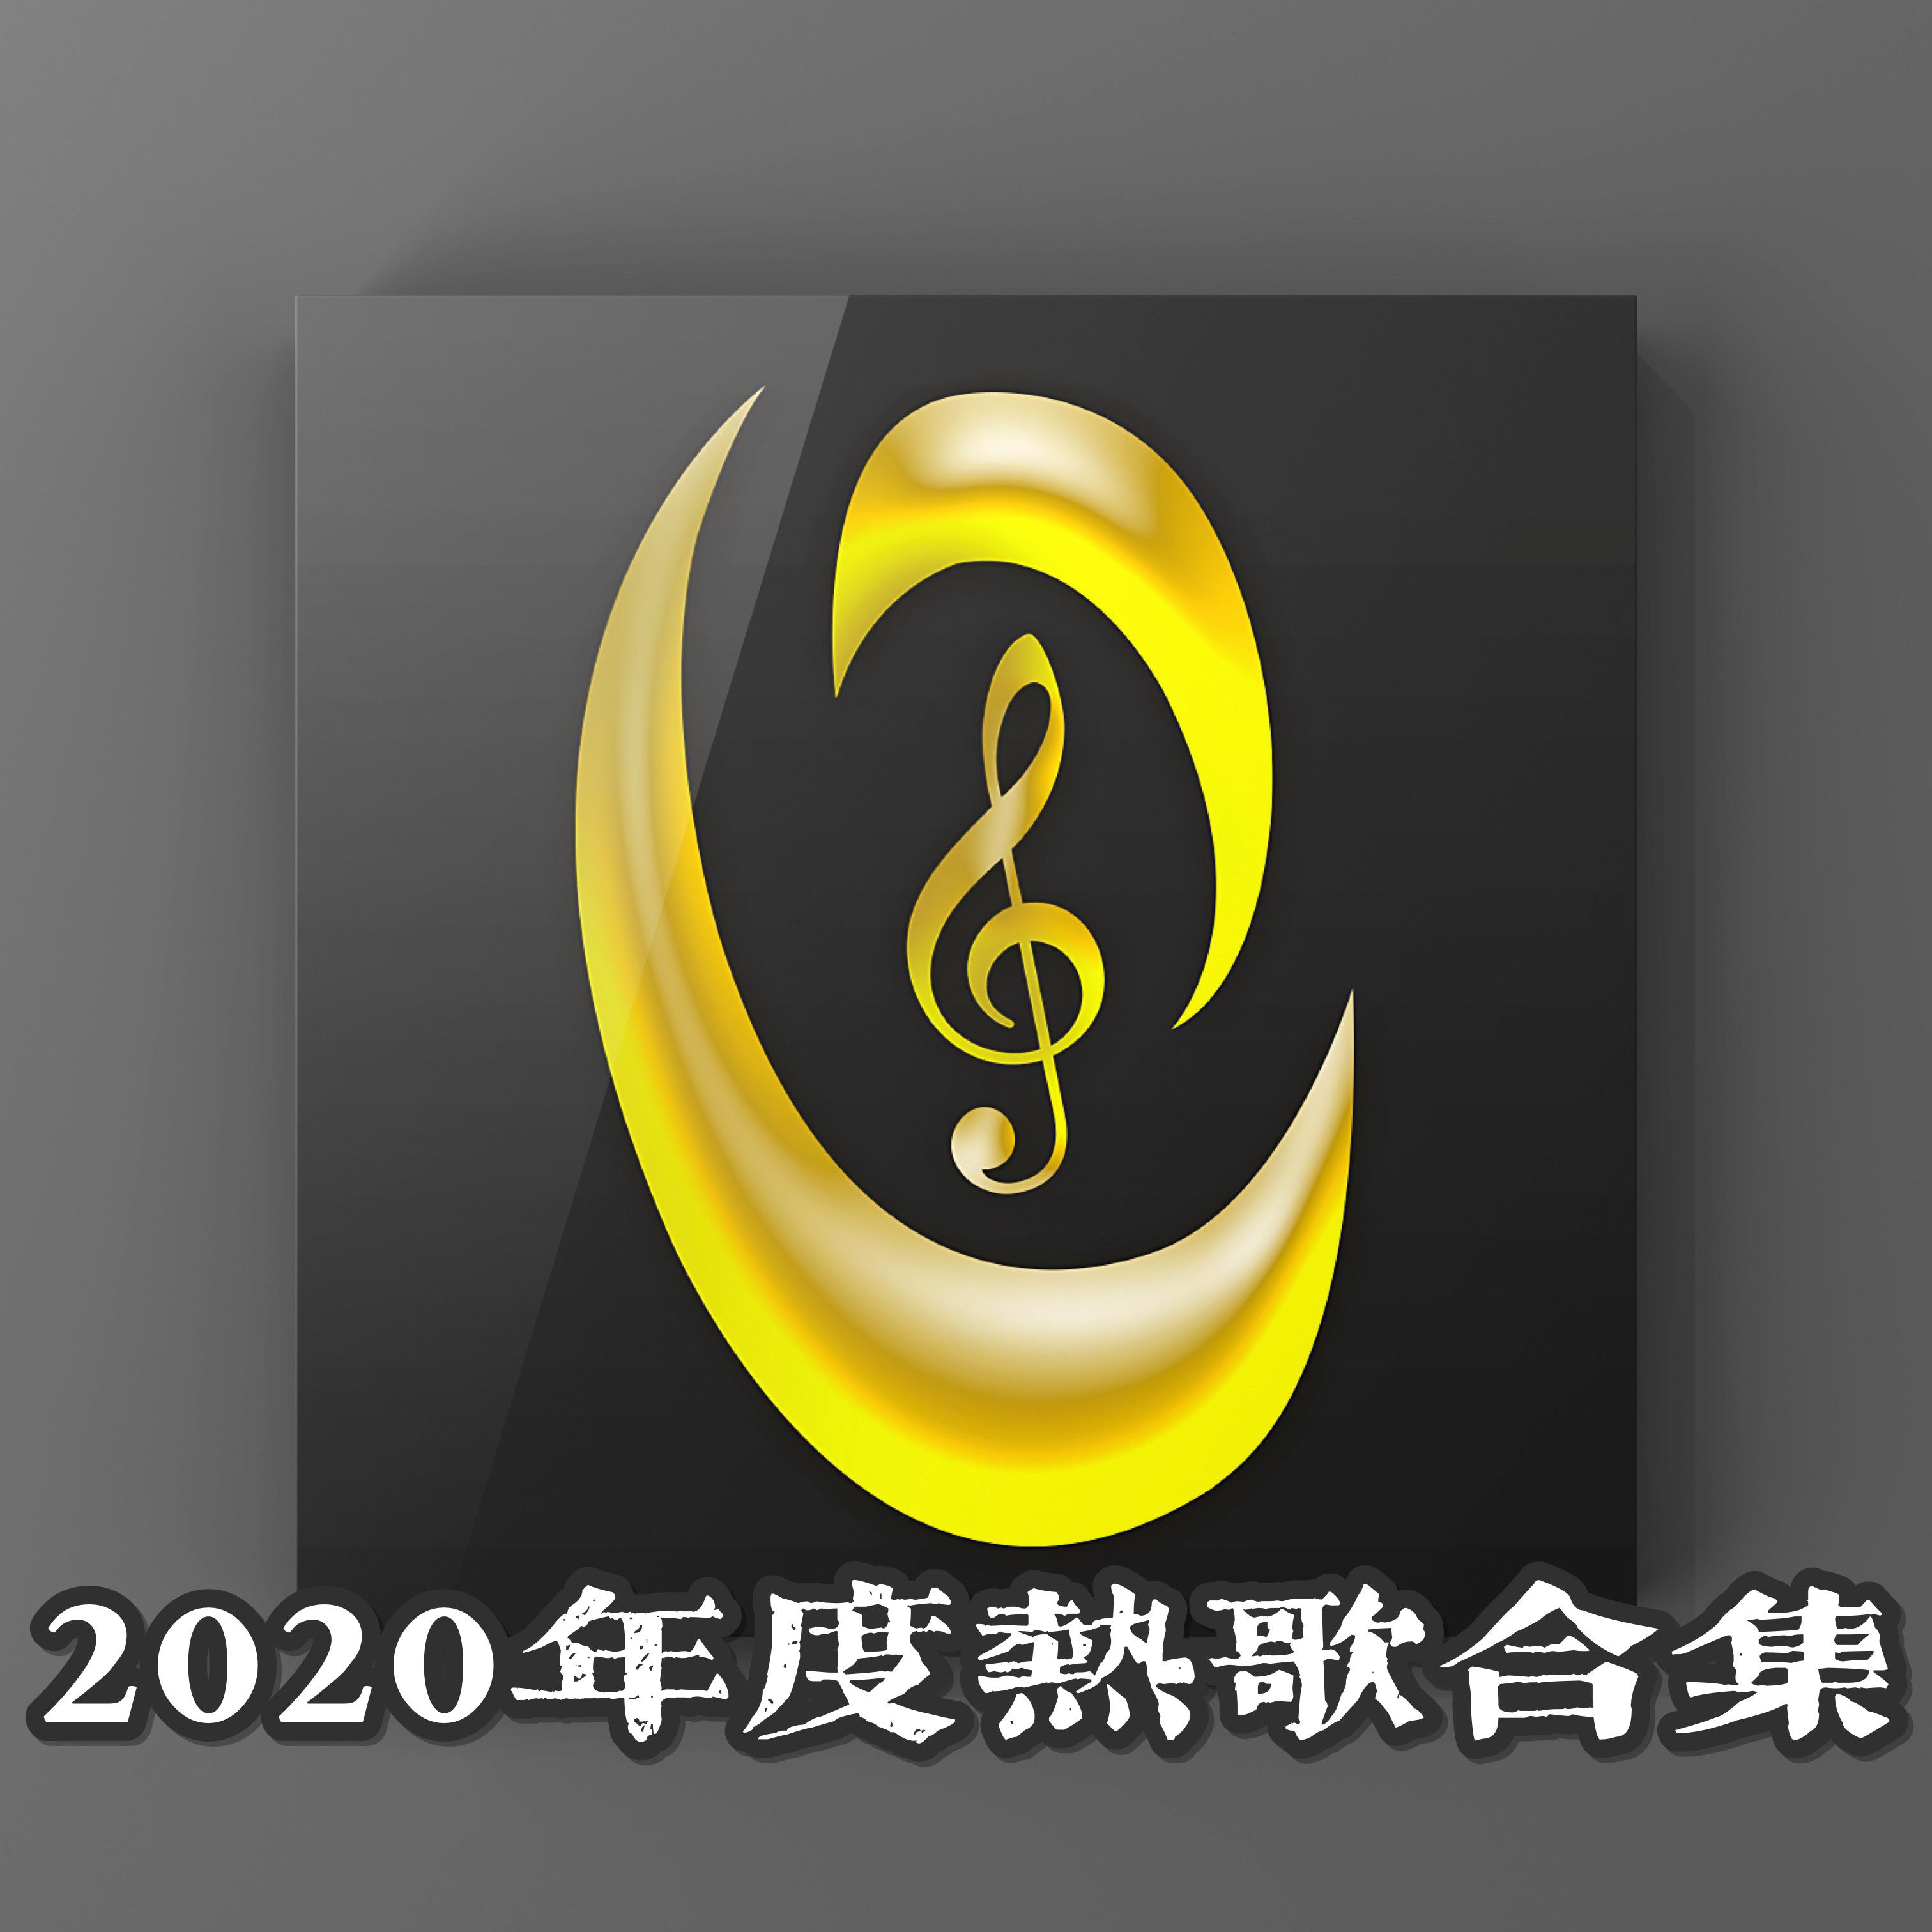 2020年度之声大集合